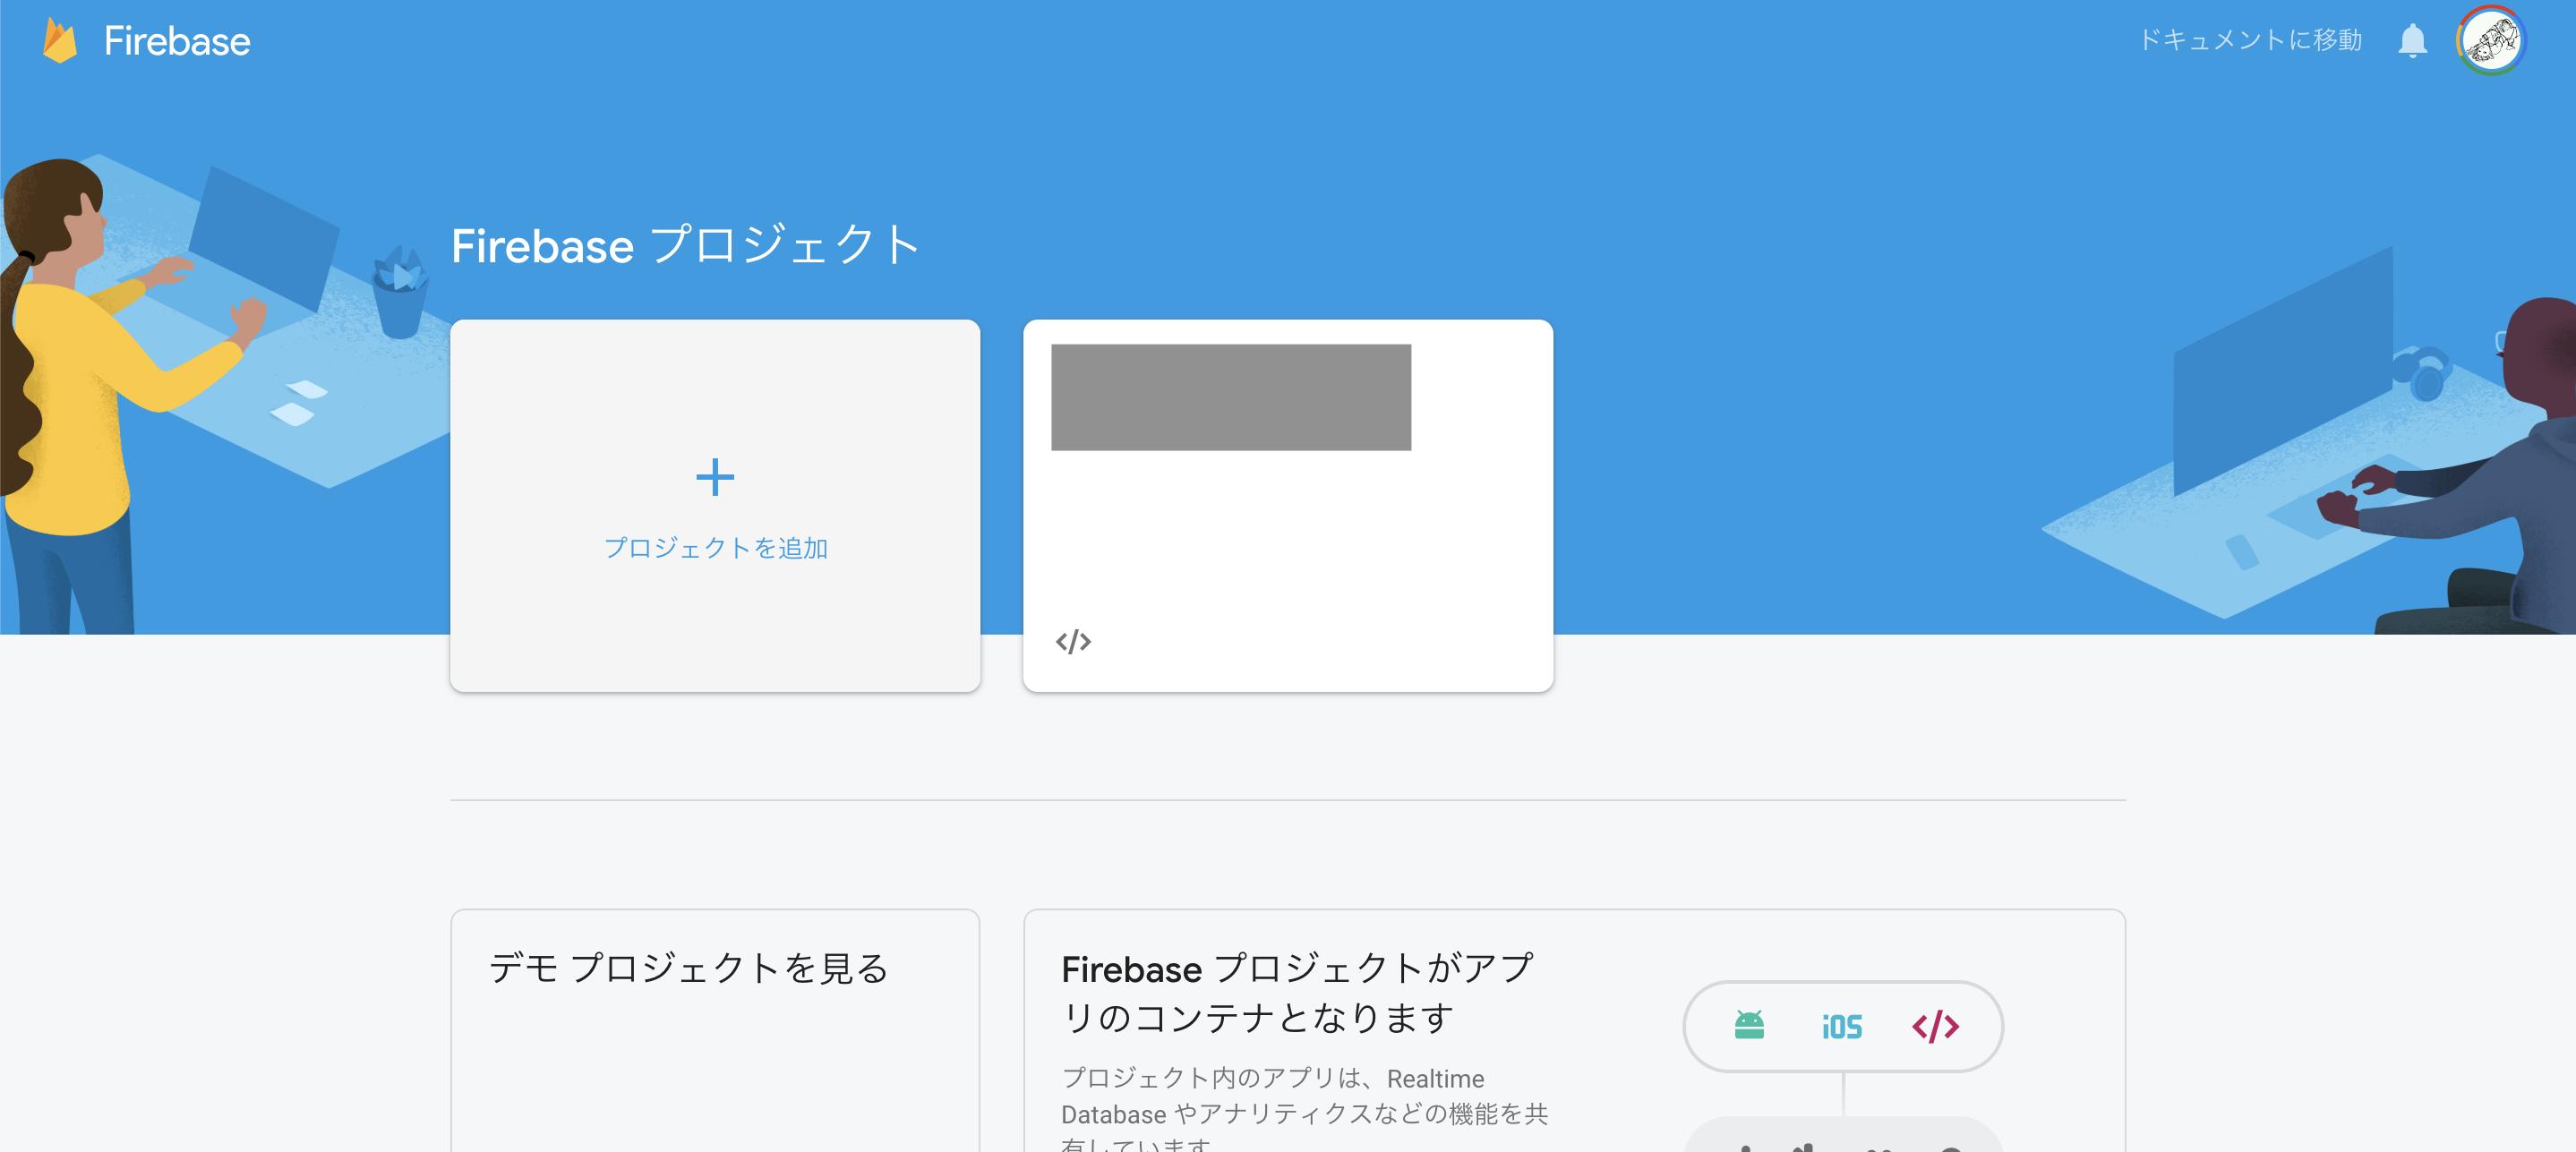 スクリーンショット 2019-08-30 0.15.11.png